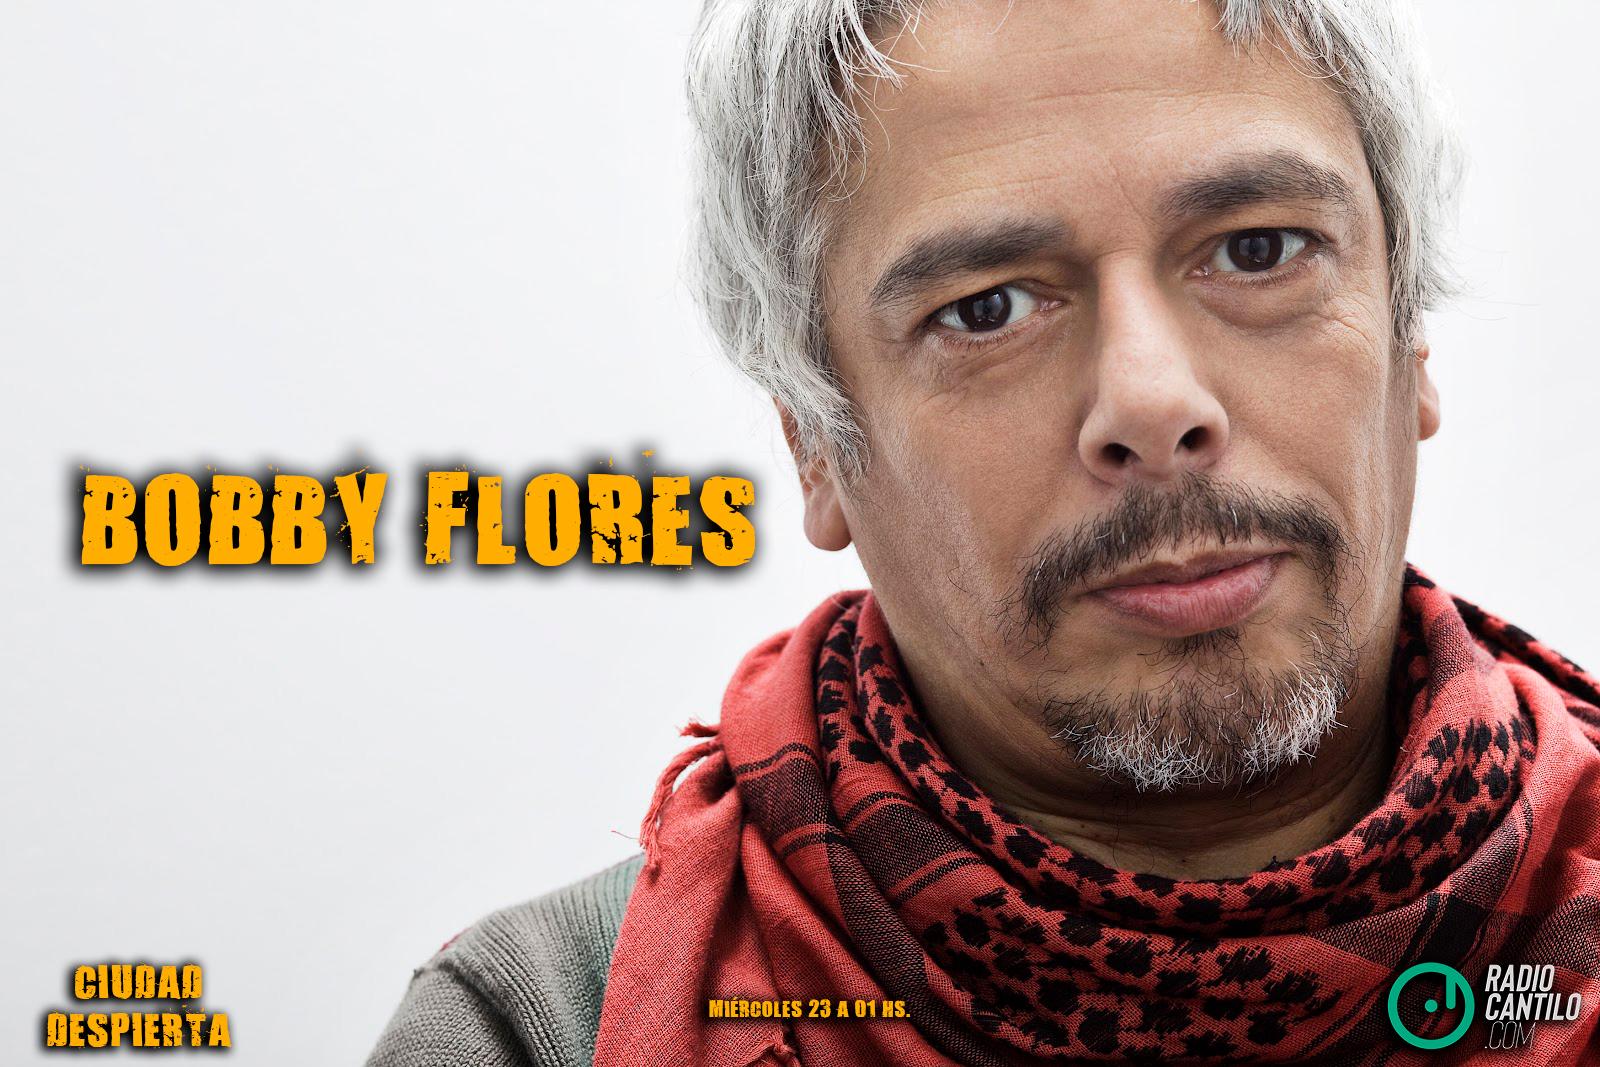 """BOBBY FLORES: """"ES MUY TRISTE LO QUE PASA EN LAS RADIOS"""" - Radio Cantilo"""